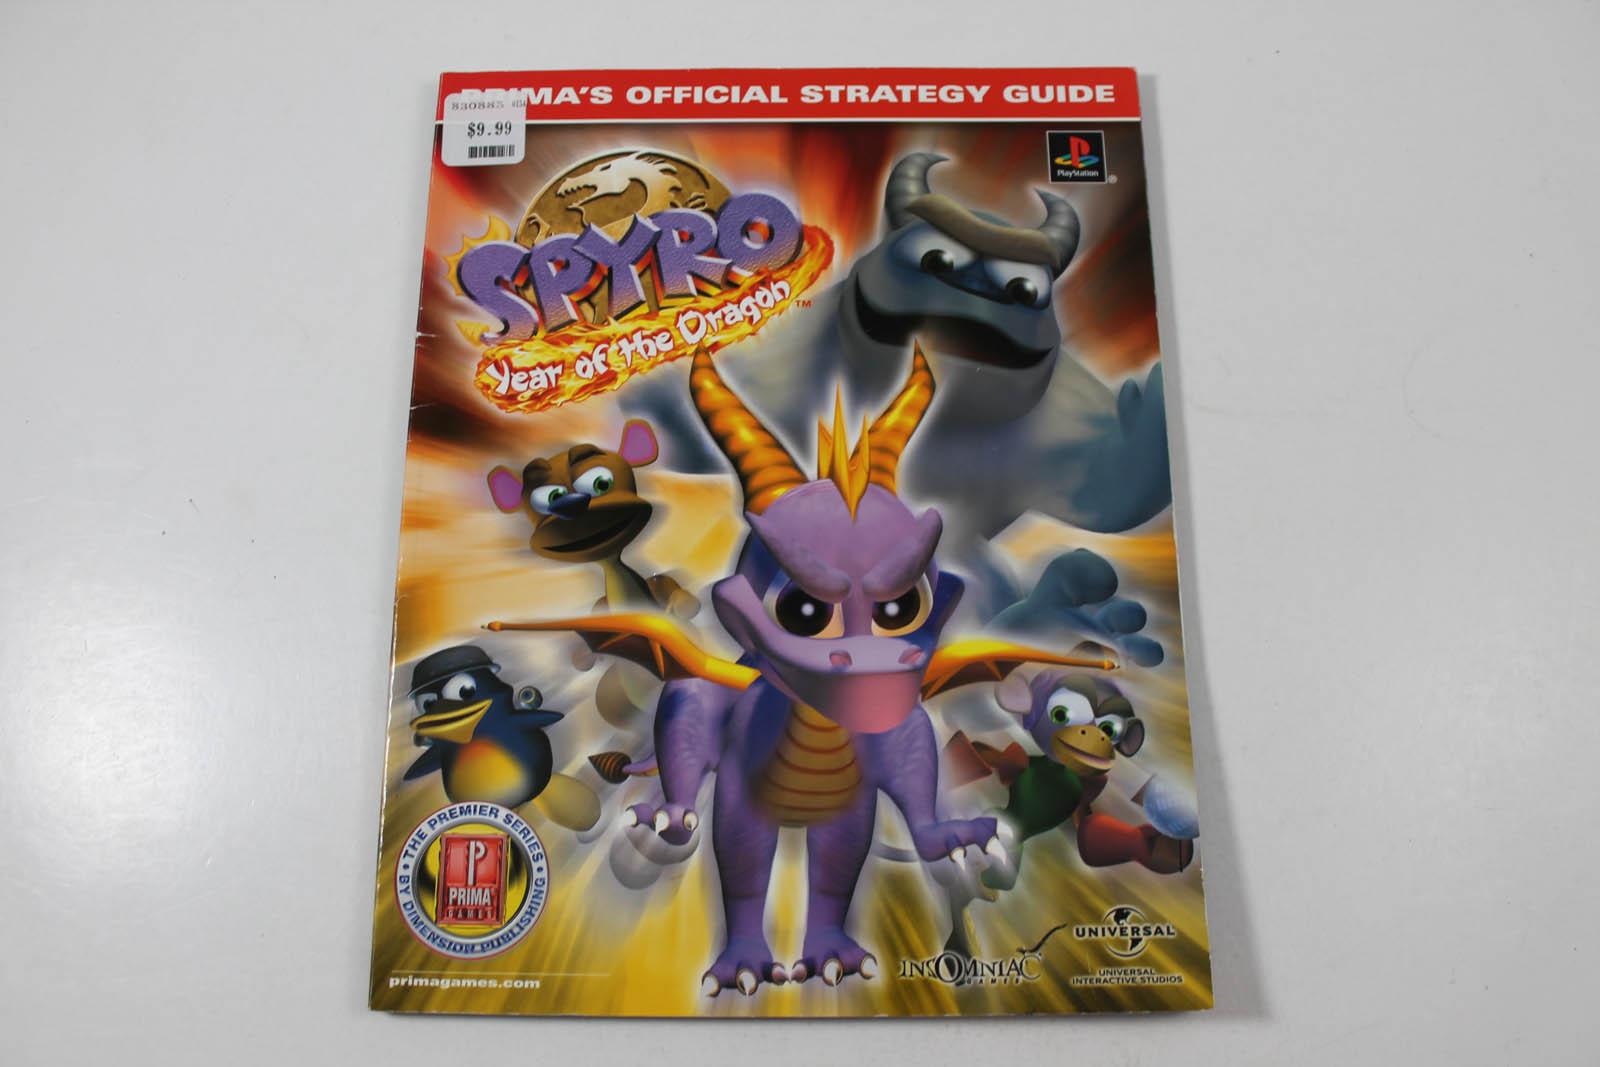 Prima strategy guides 9780761561422 dragon age origins